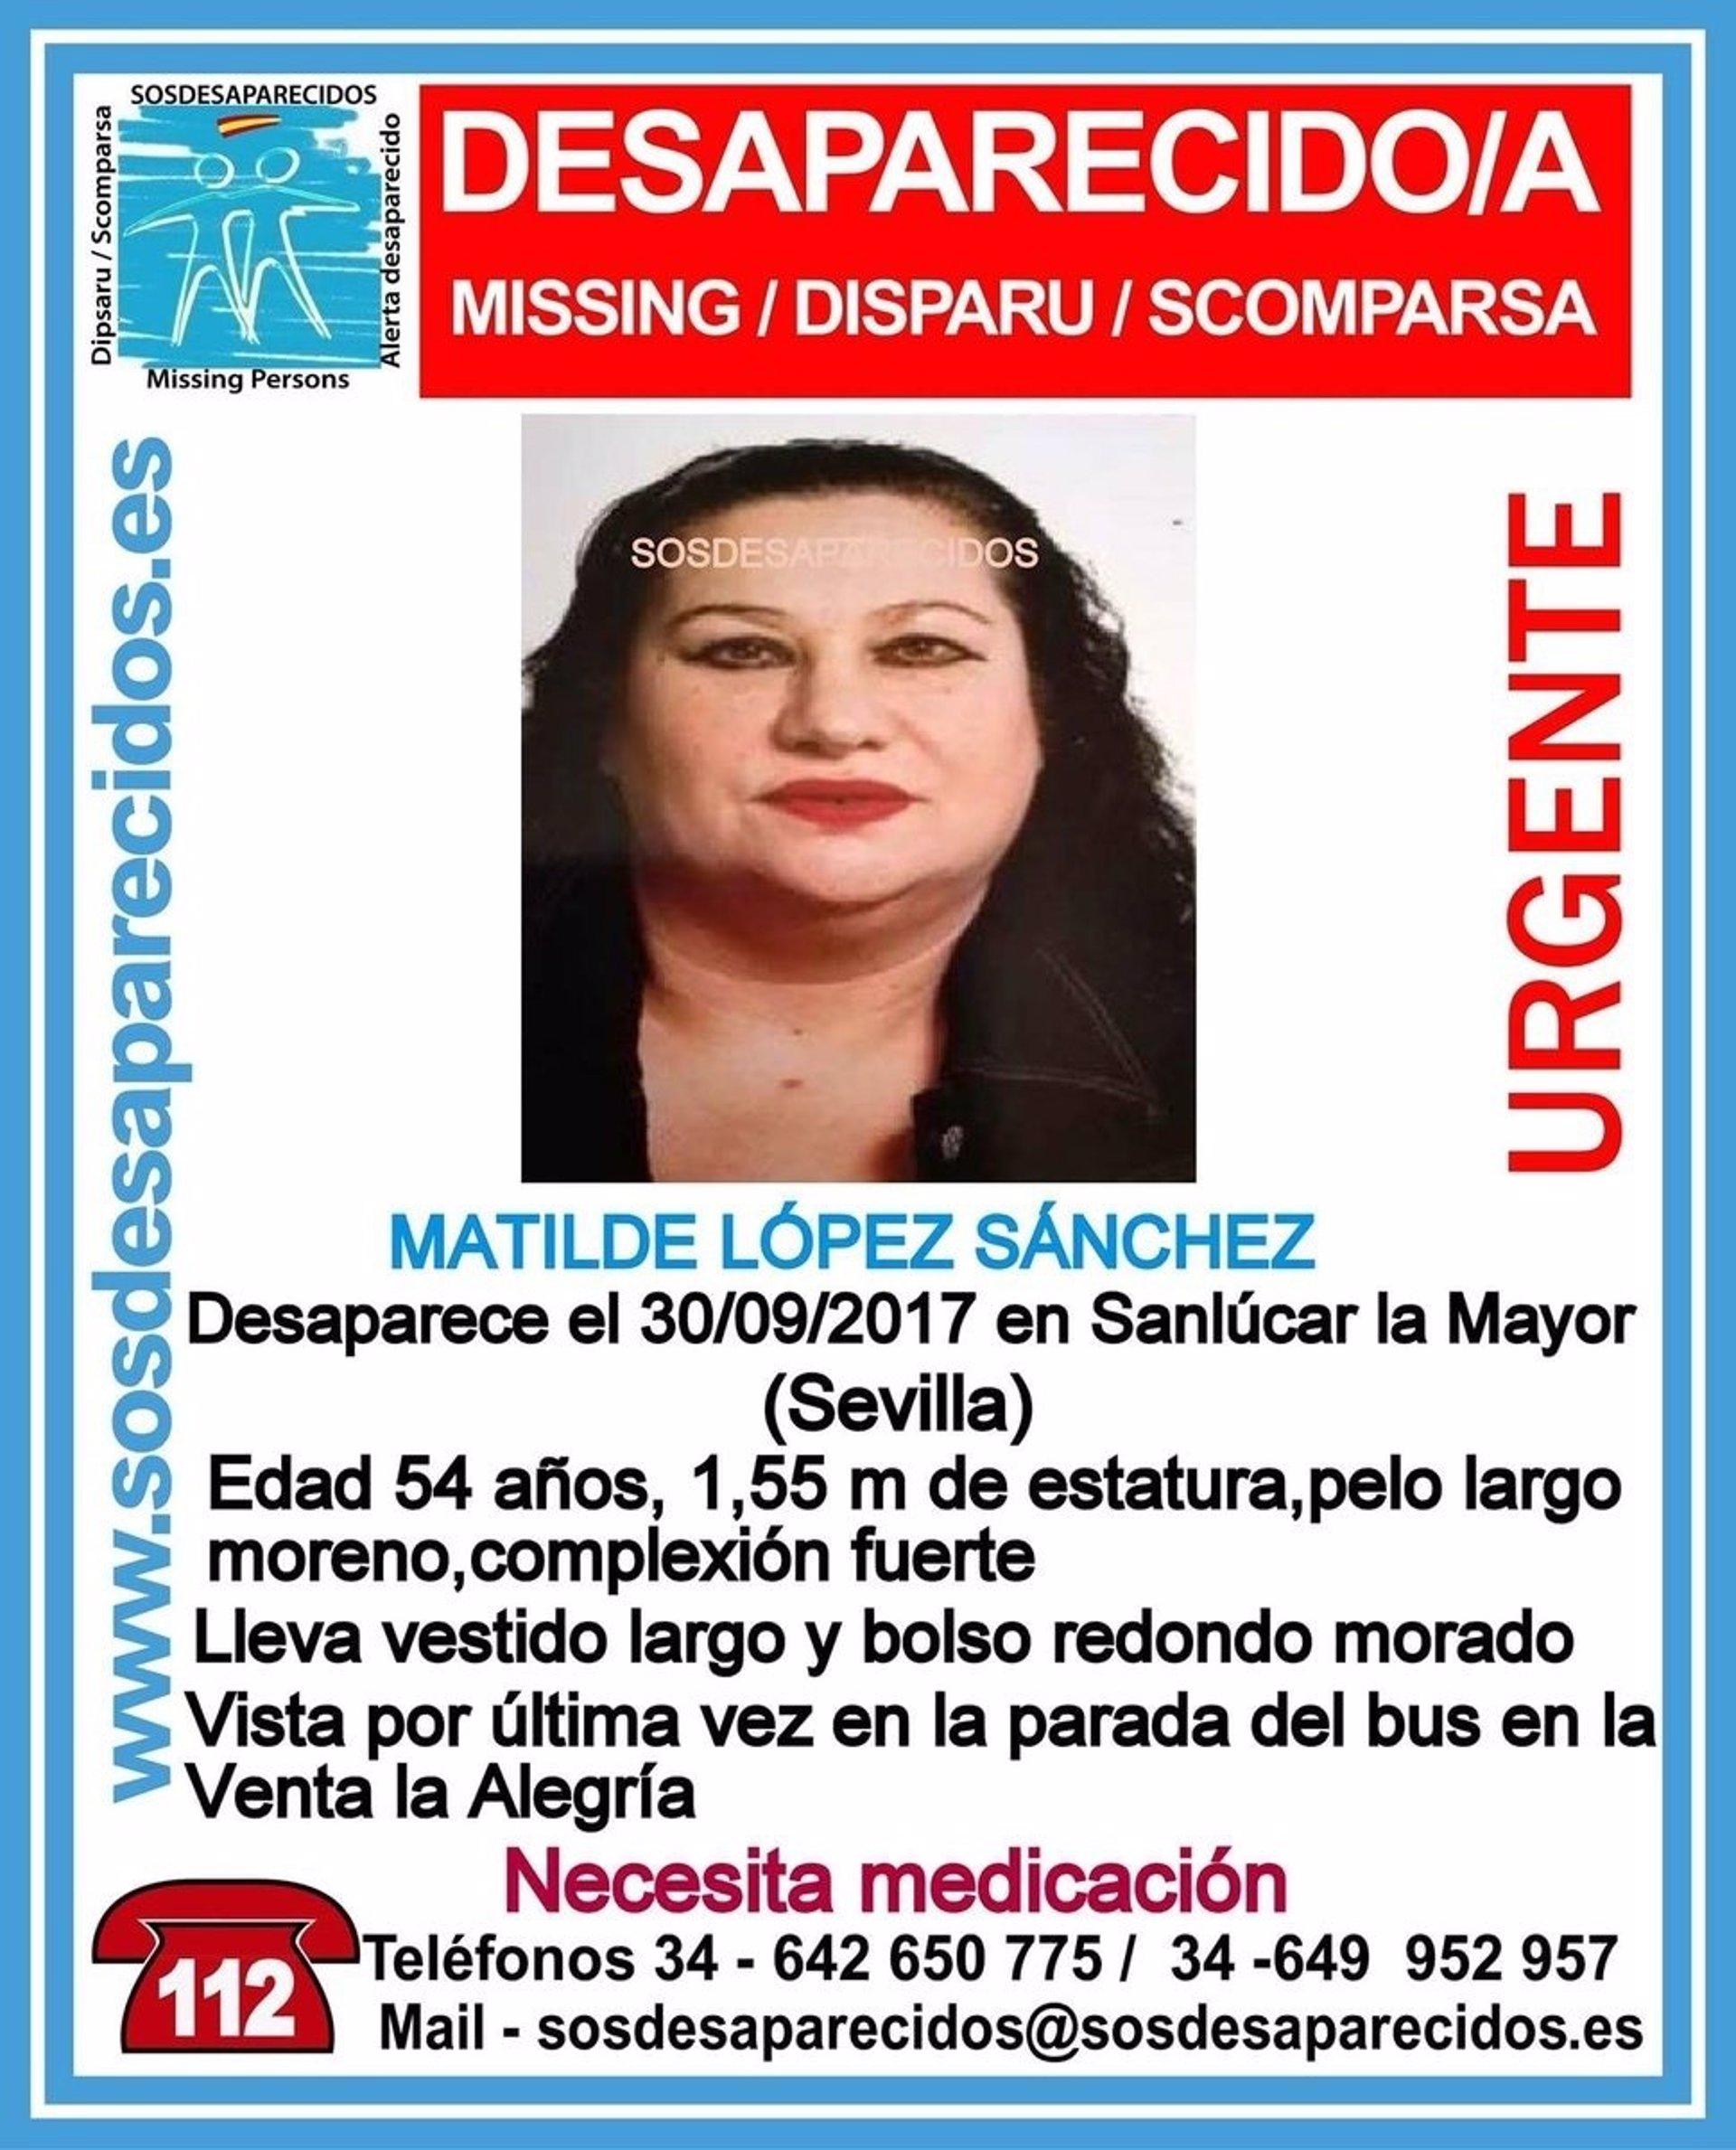 sevilla 54 En La Desaparece Mujer De Años Mayor Una Sanlúcar CxqzvS 486c9cccdd9